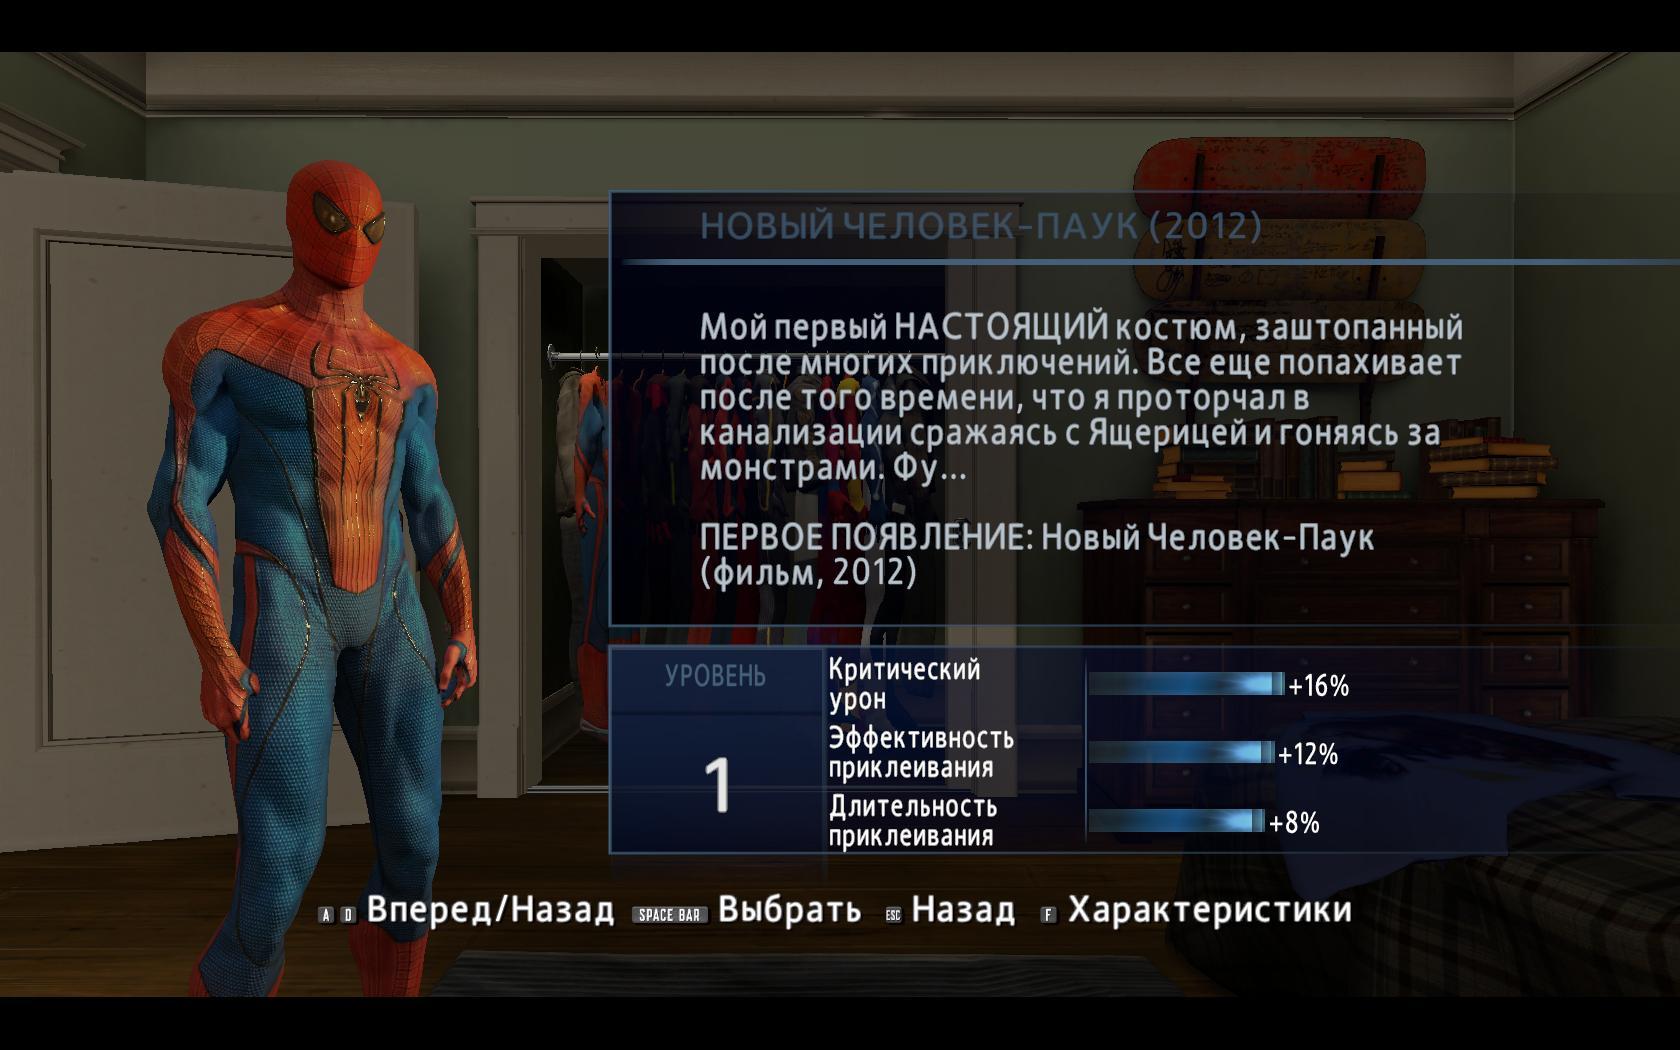 Игры новый человек паук 2 играть онлайн